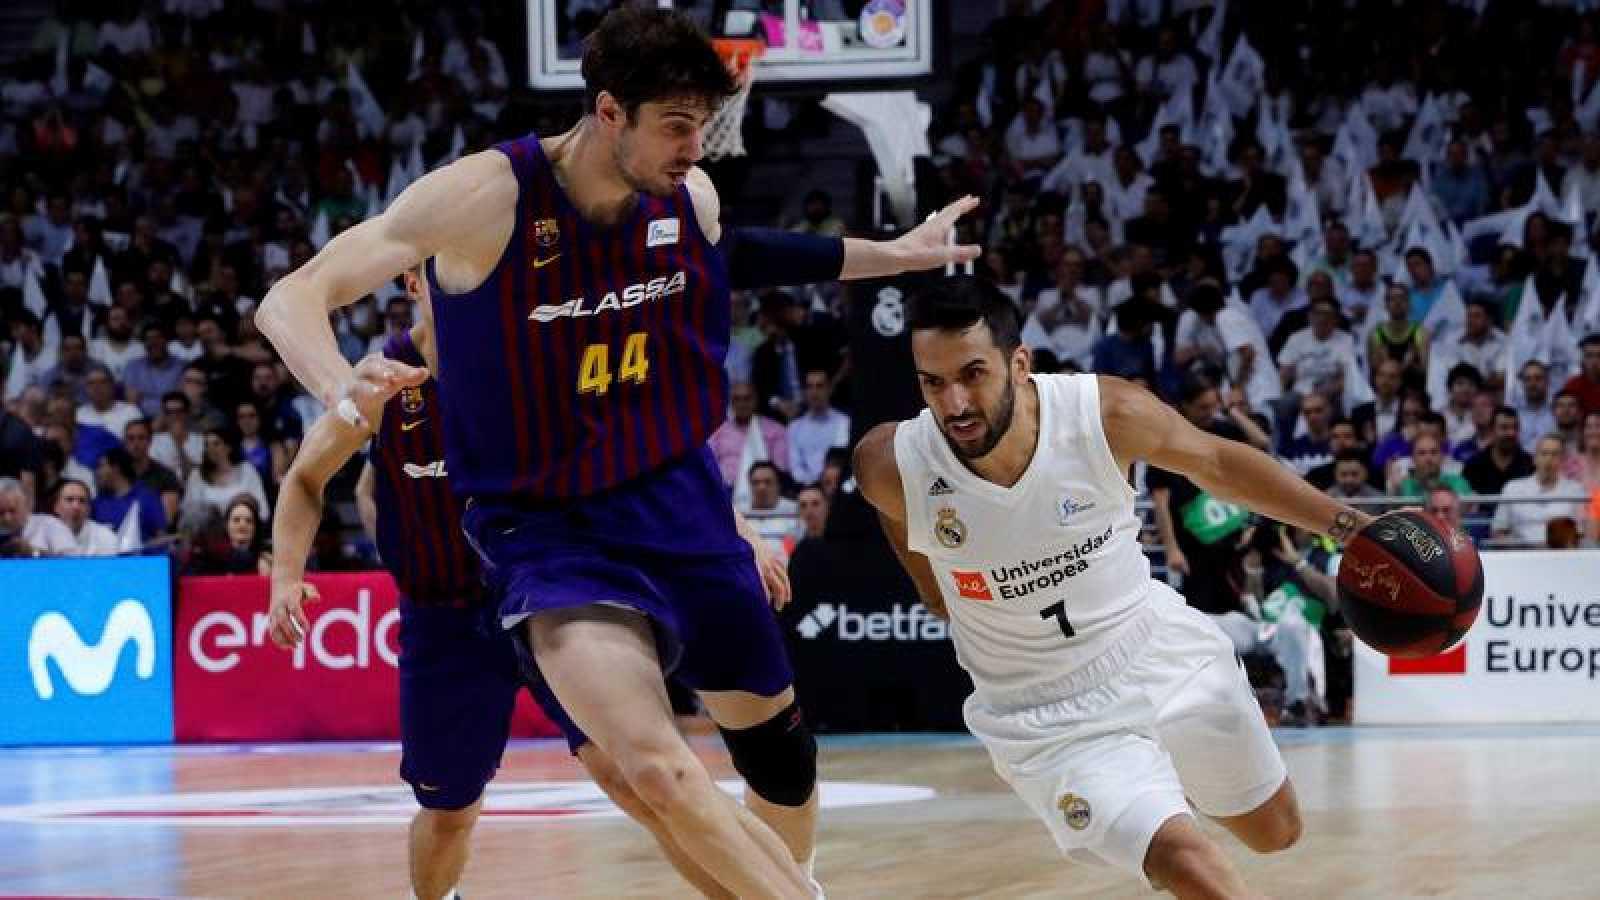 El Barça iguala la final tras vencer al Madrid